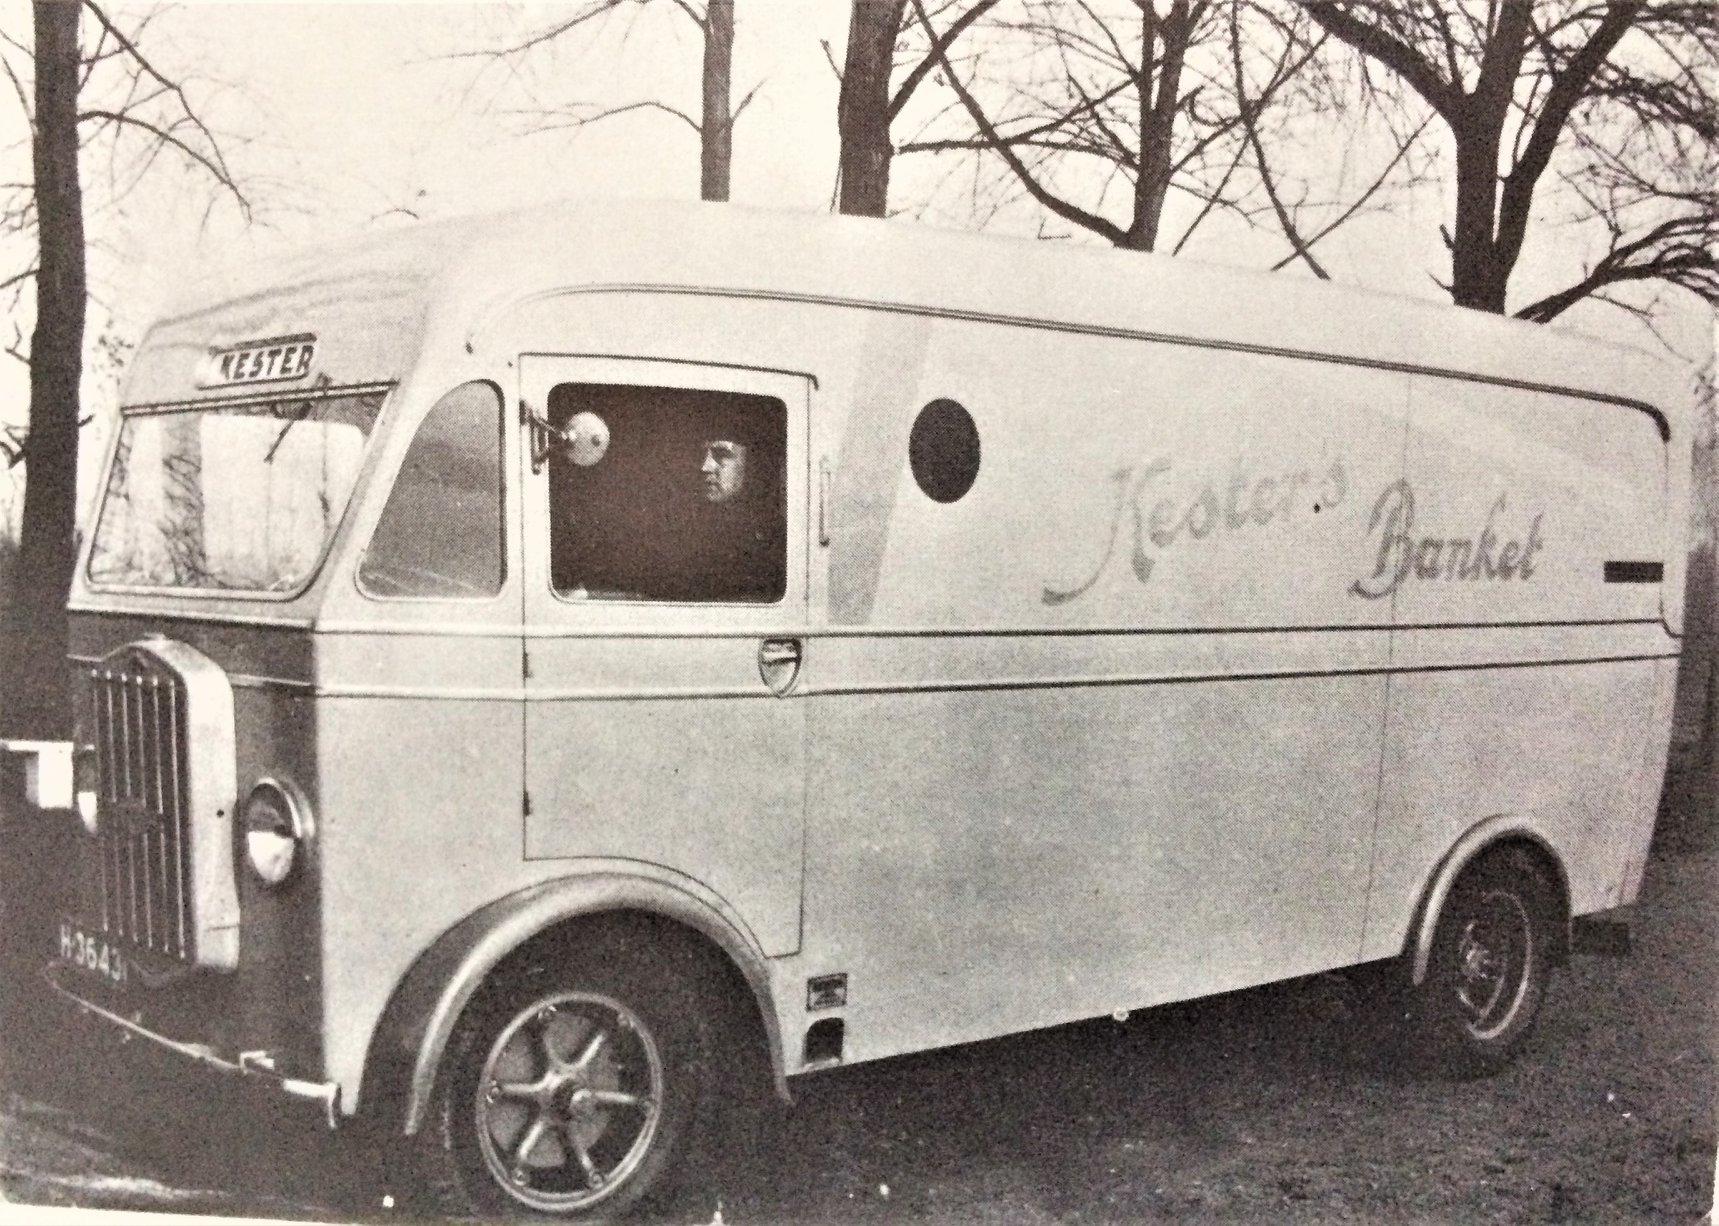 Diamond-T-als-frontstuurtruck-door-De-Graaff-gebouwd-Lolle-Rondaan-archief